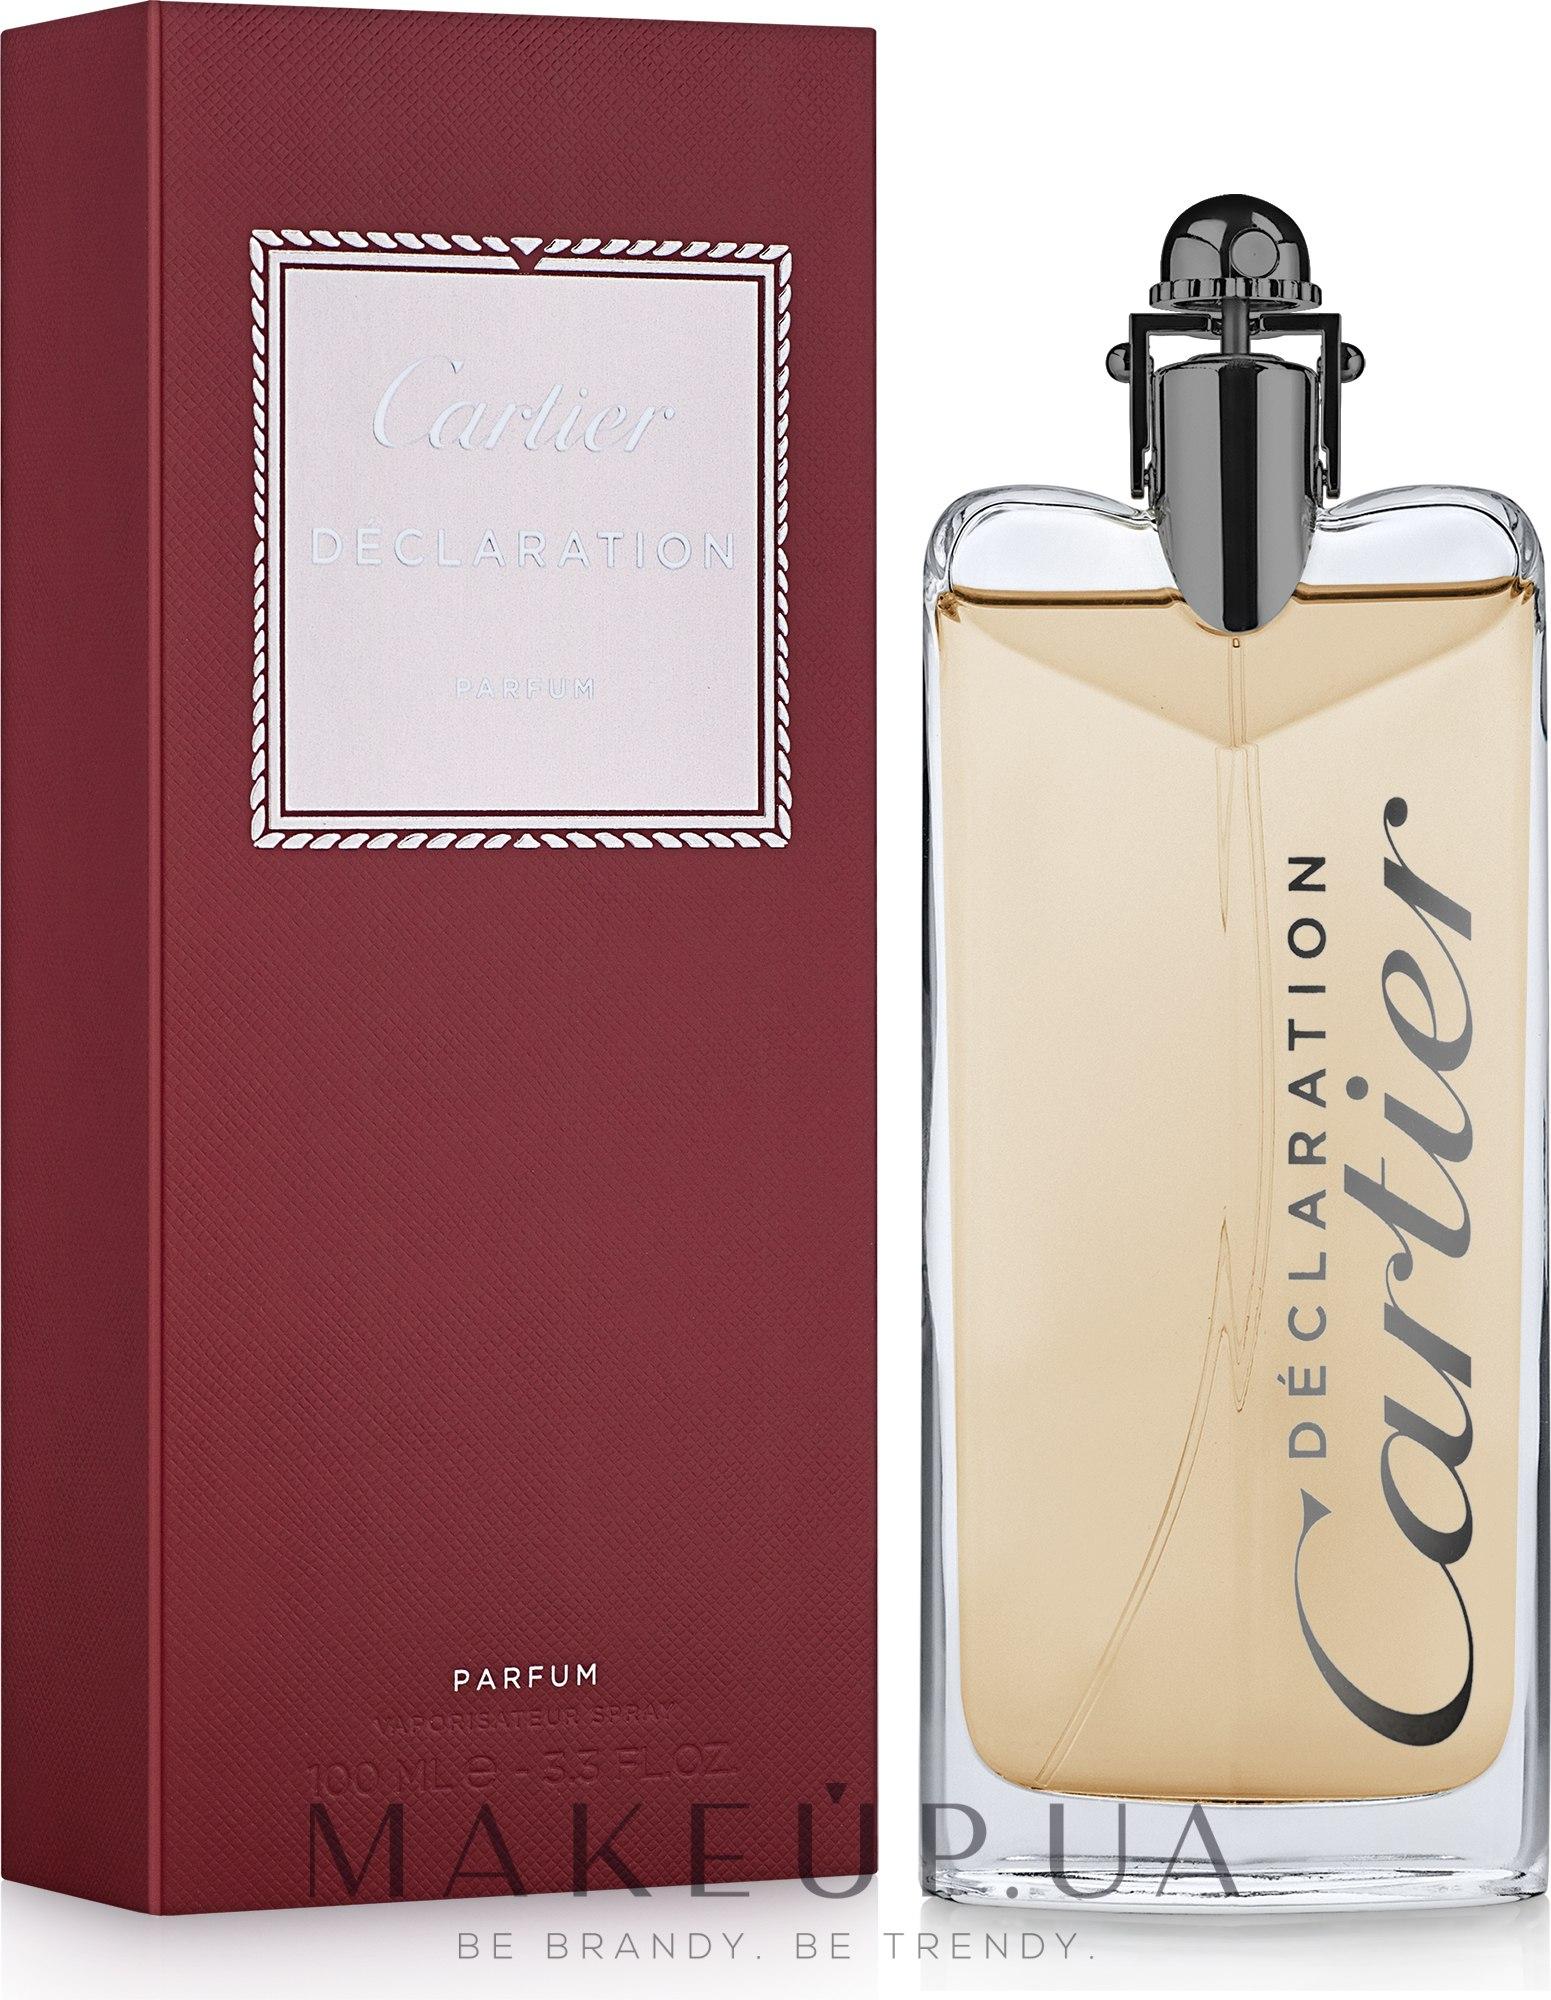 Makeup отзывы о Cartier Declaration Parfum духи